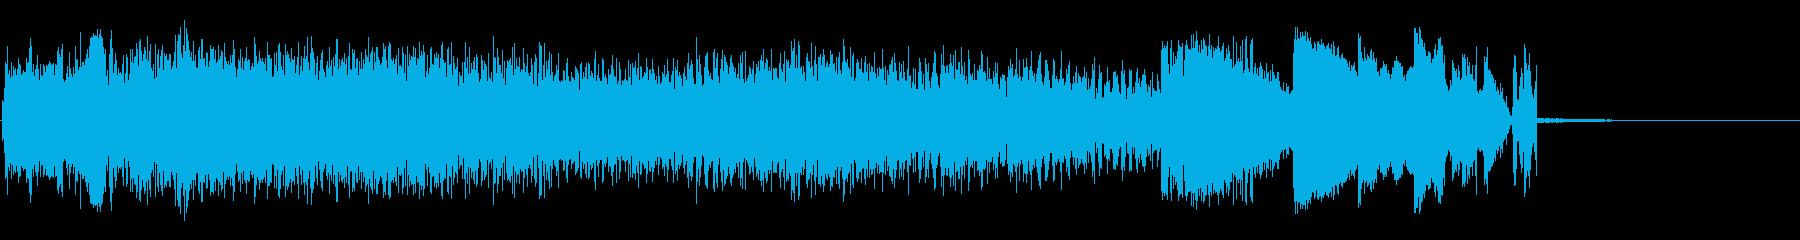 パワーサージの再生済みの波形